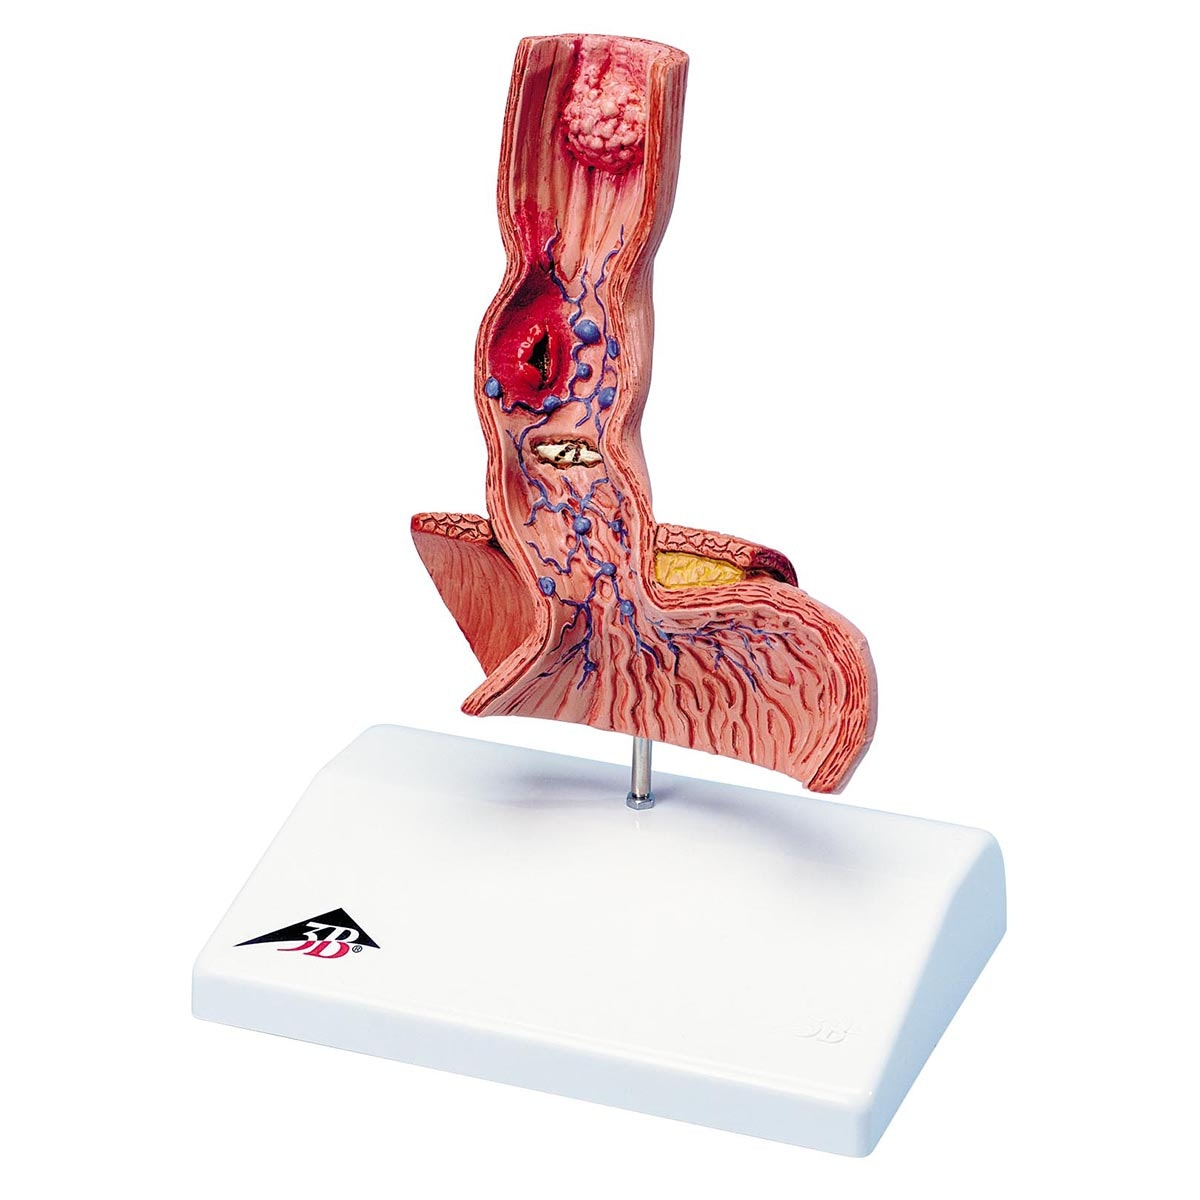 Modell som viser spiserøret og deler av magesekkens indre med forskjellige sykdommer